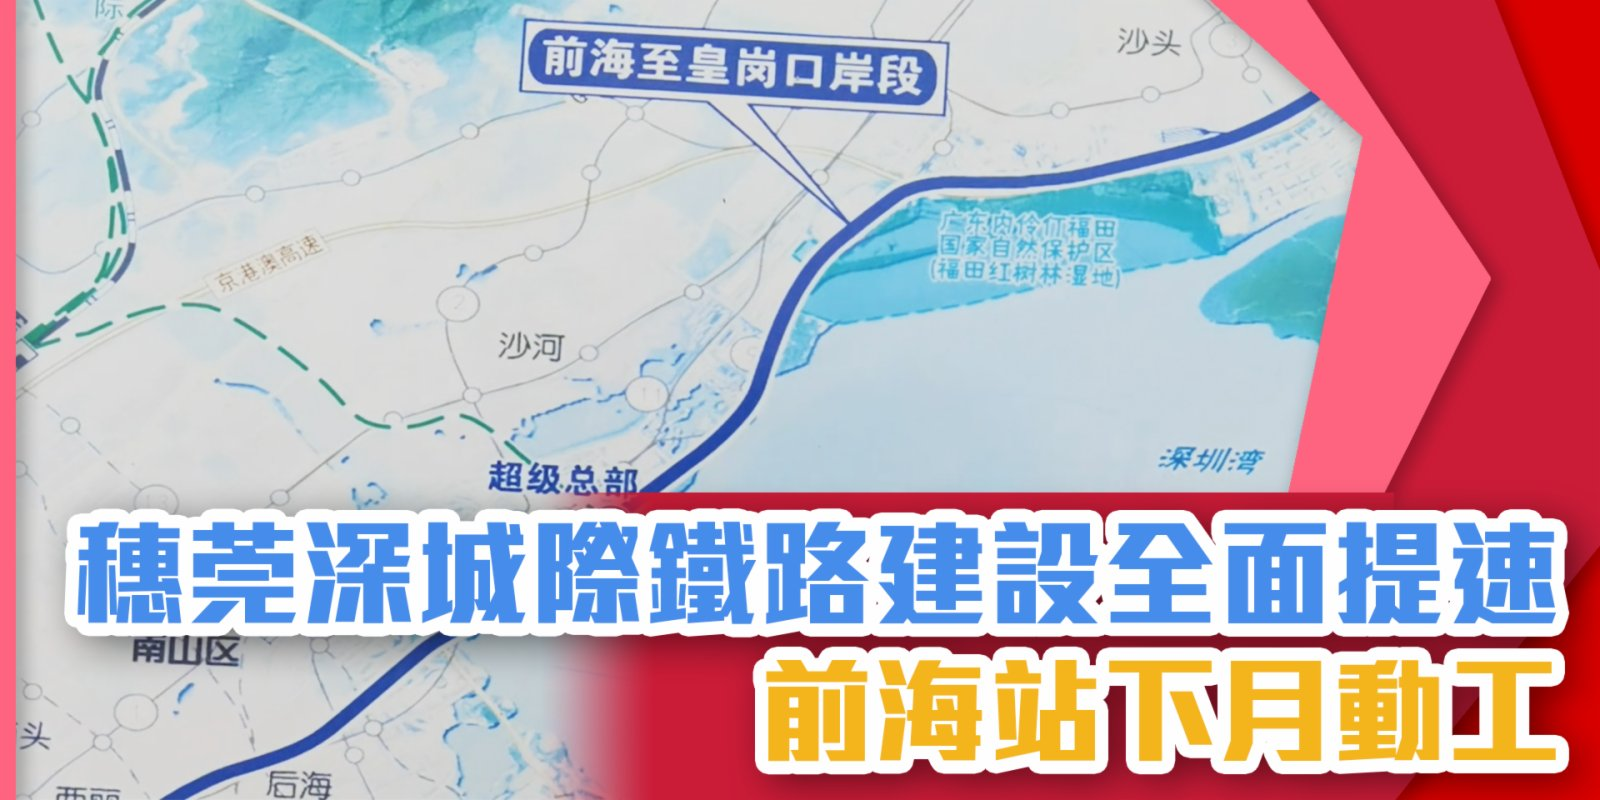 穗莞深城際鐵路建設全面提速 前海站下月動工